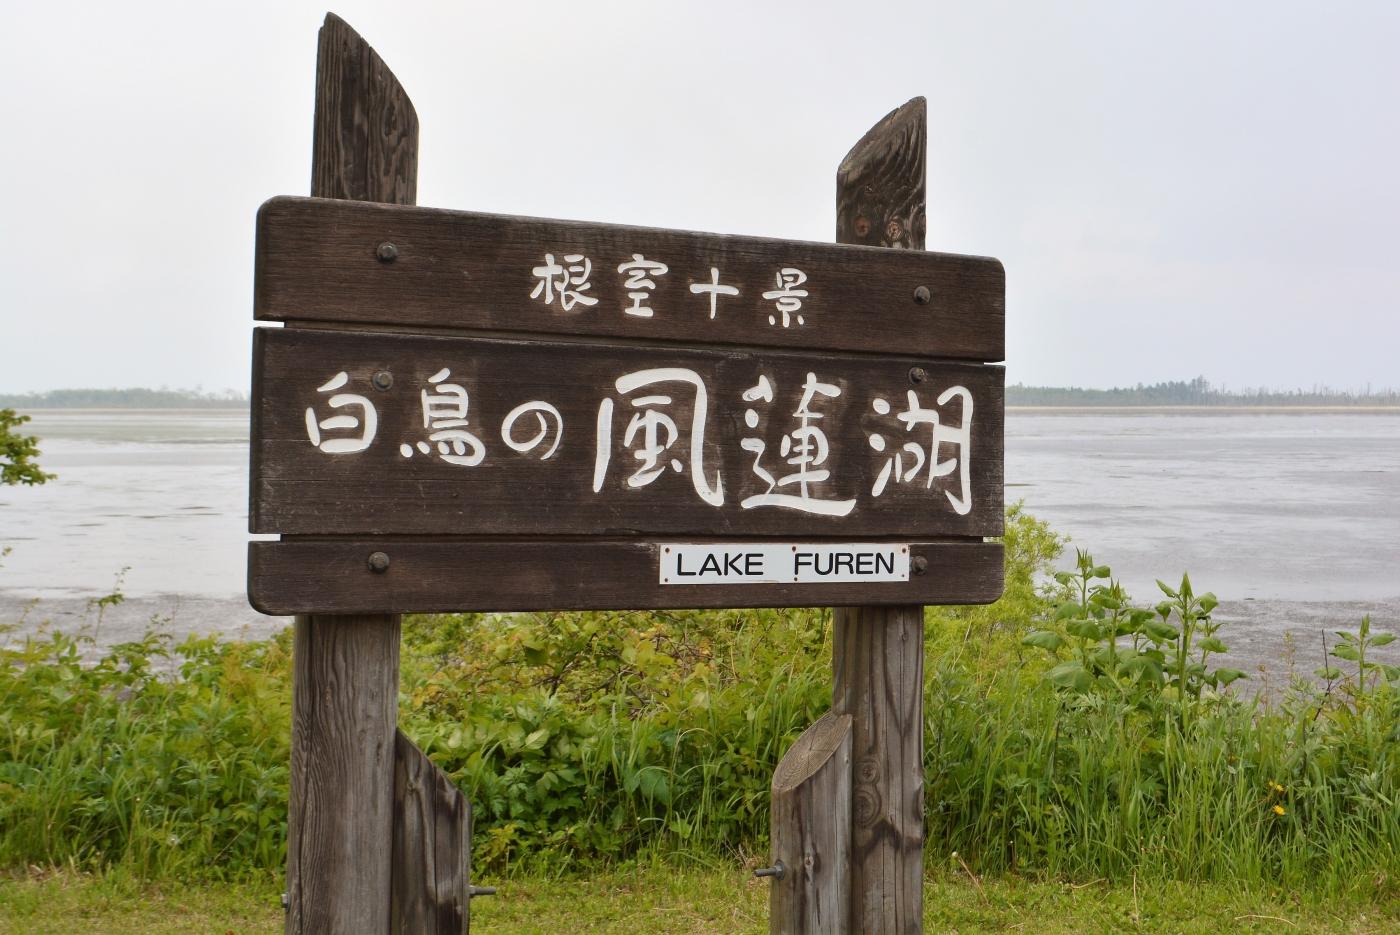 北海道自驾游 - 风莲湖_图1-1